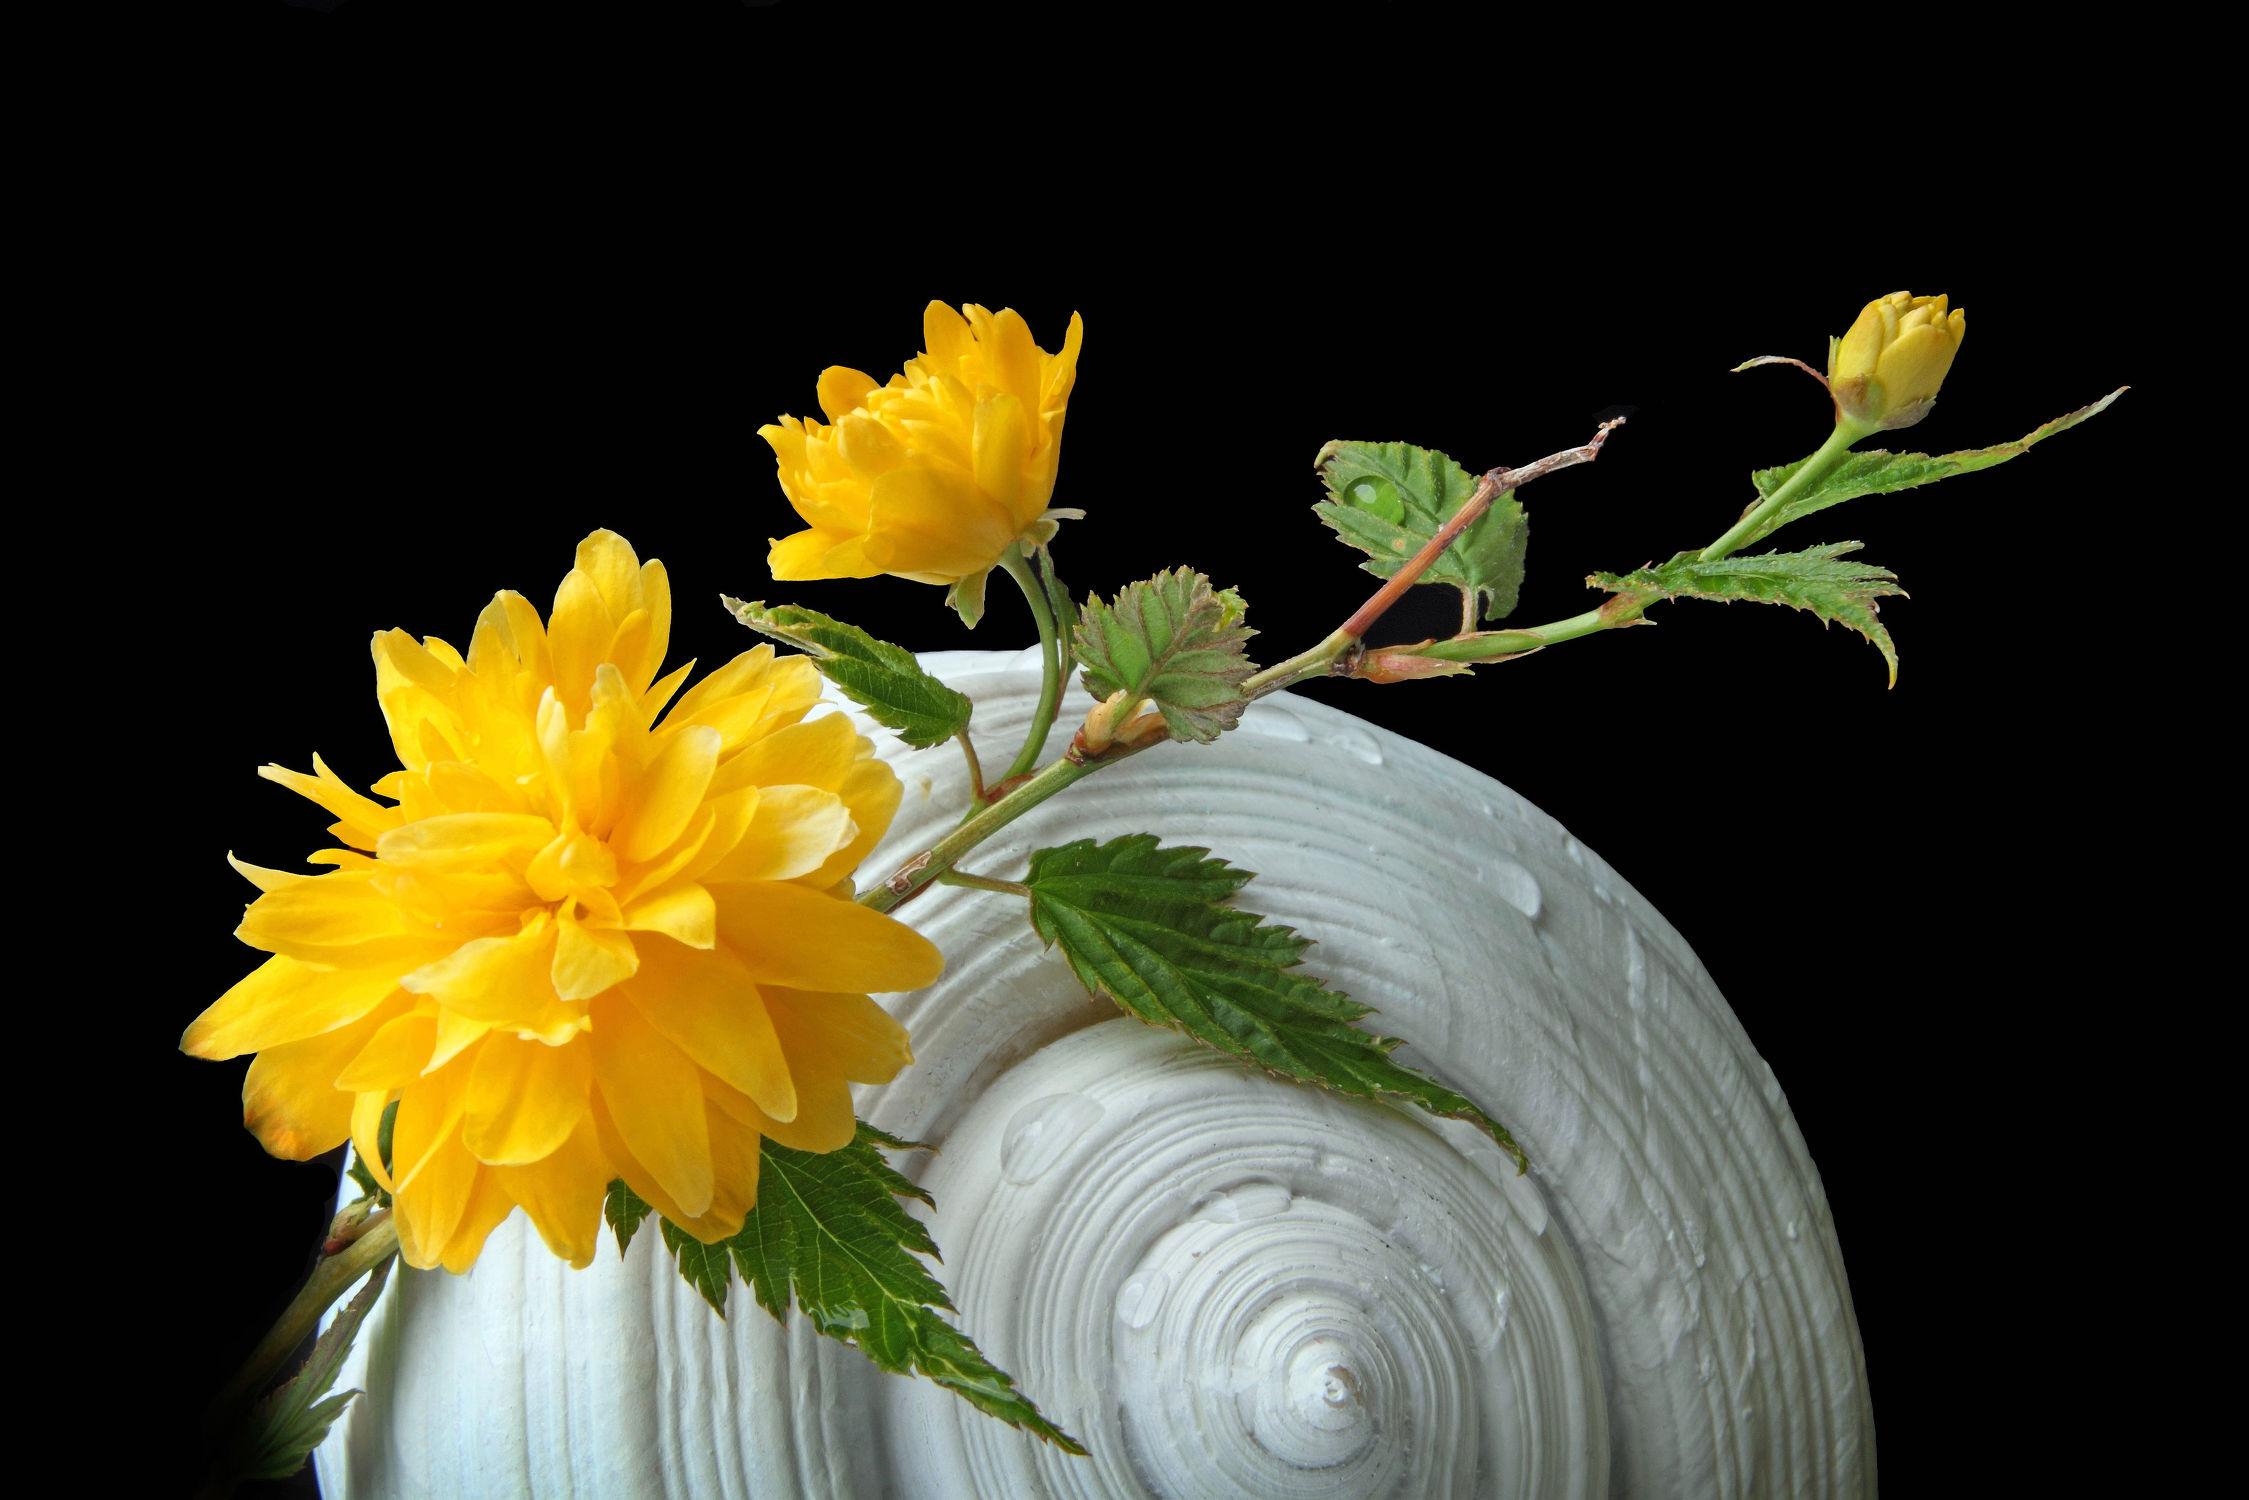 Bild mit Pflanzen, Blumen, Blume, Pflanze, Muschel, Wassertropfen, Floral, Blüten, Florales, blüte, Ranunkel